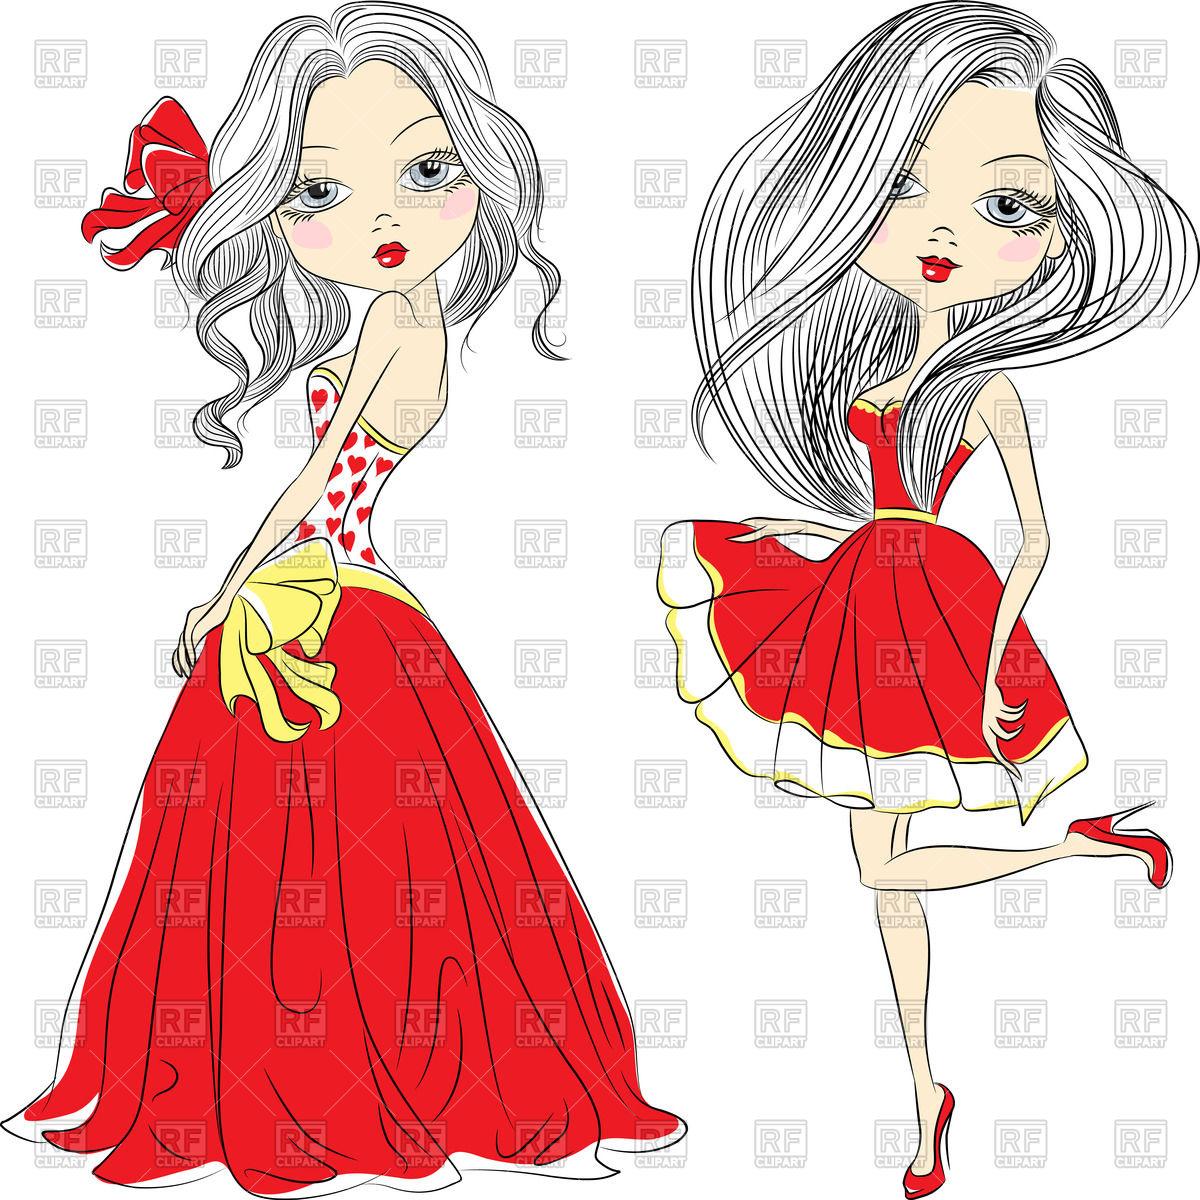 Red Dress clipart elegant dress Red red dress elegant girl